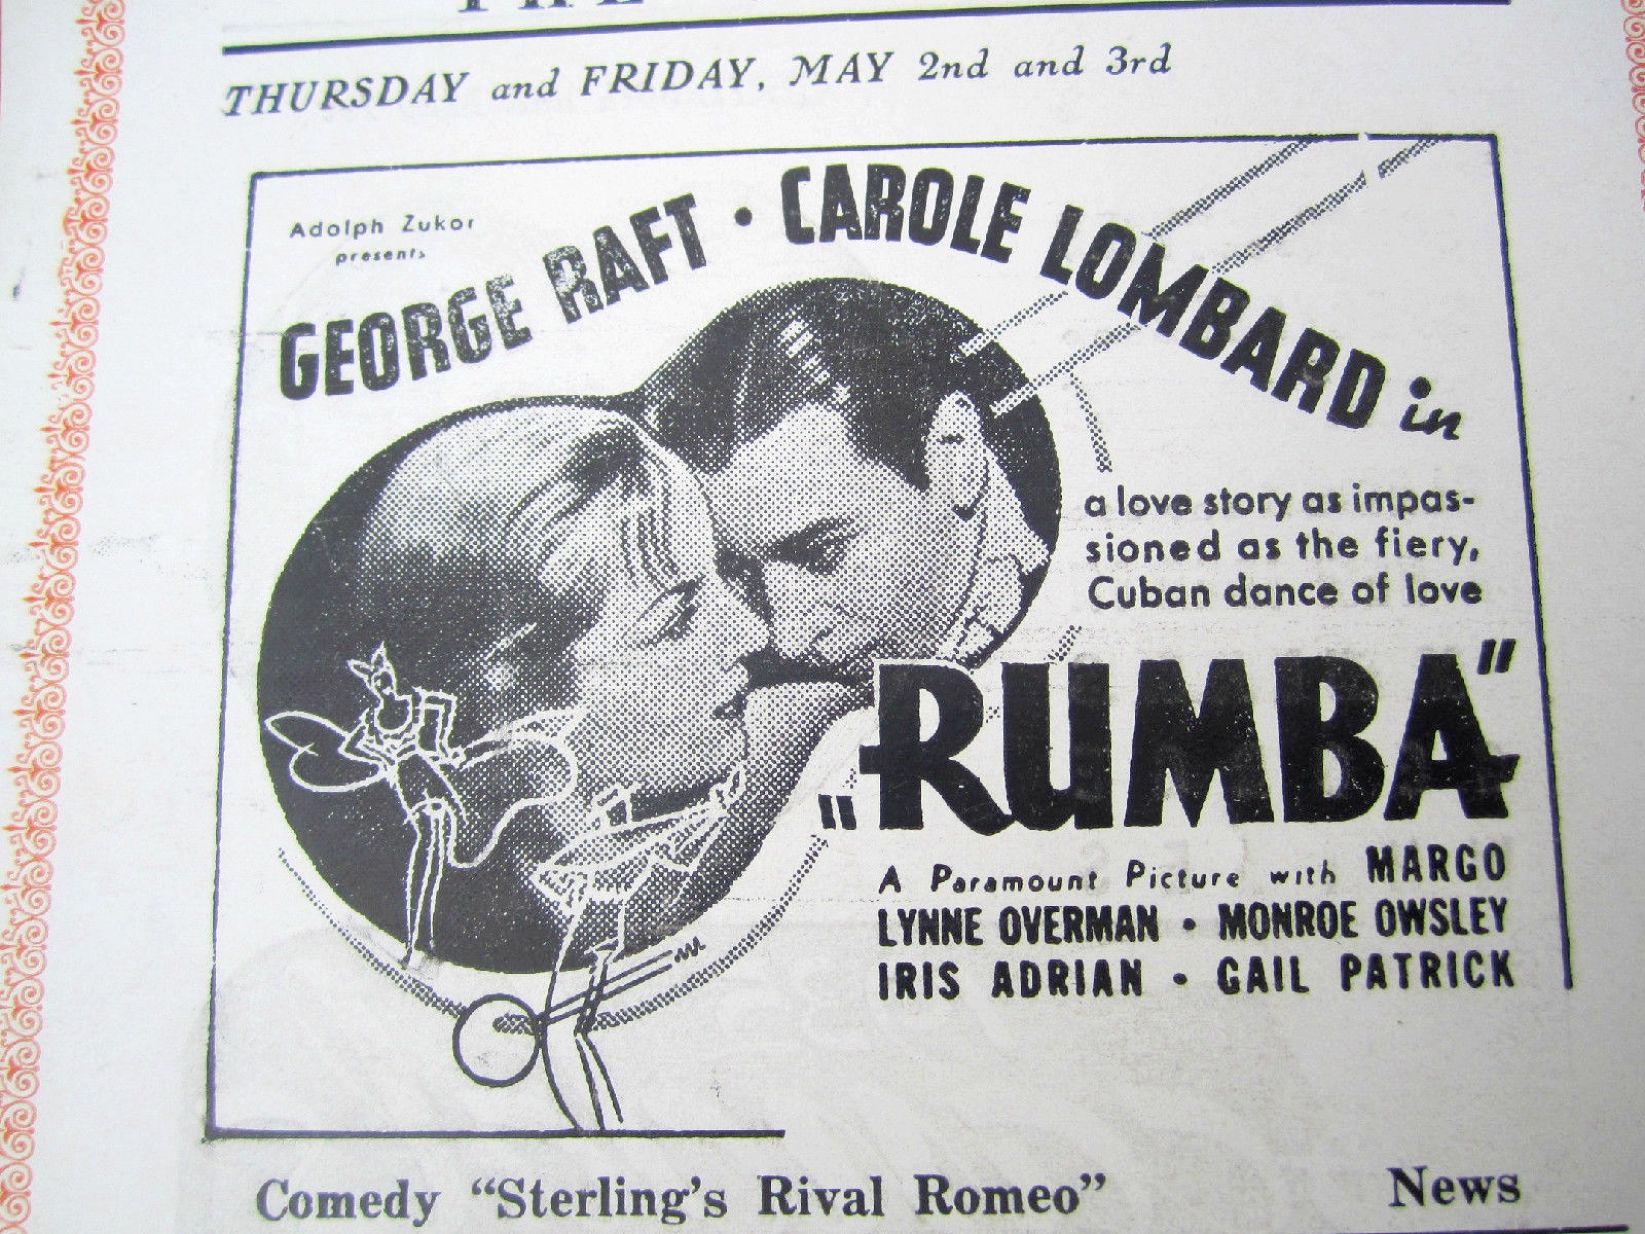 carole lombard rumba herald columbia baltimore 00a